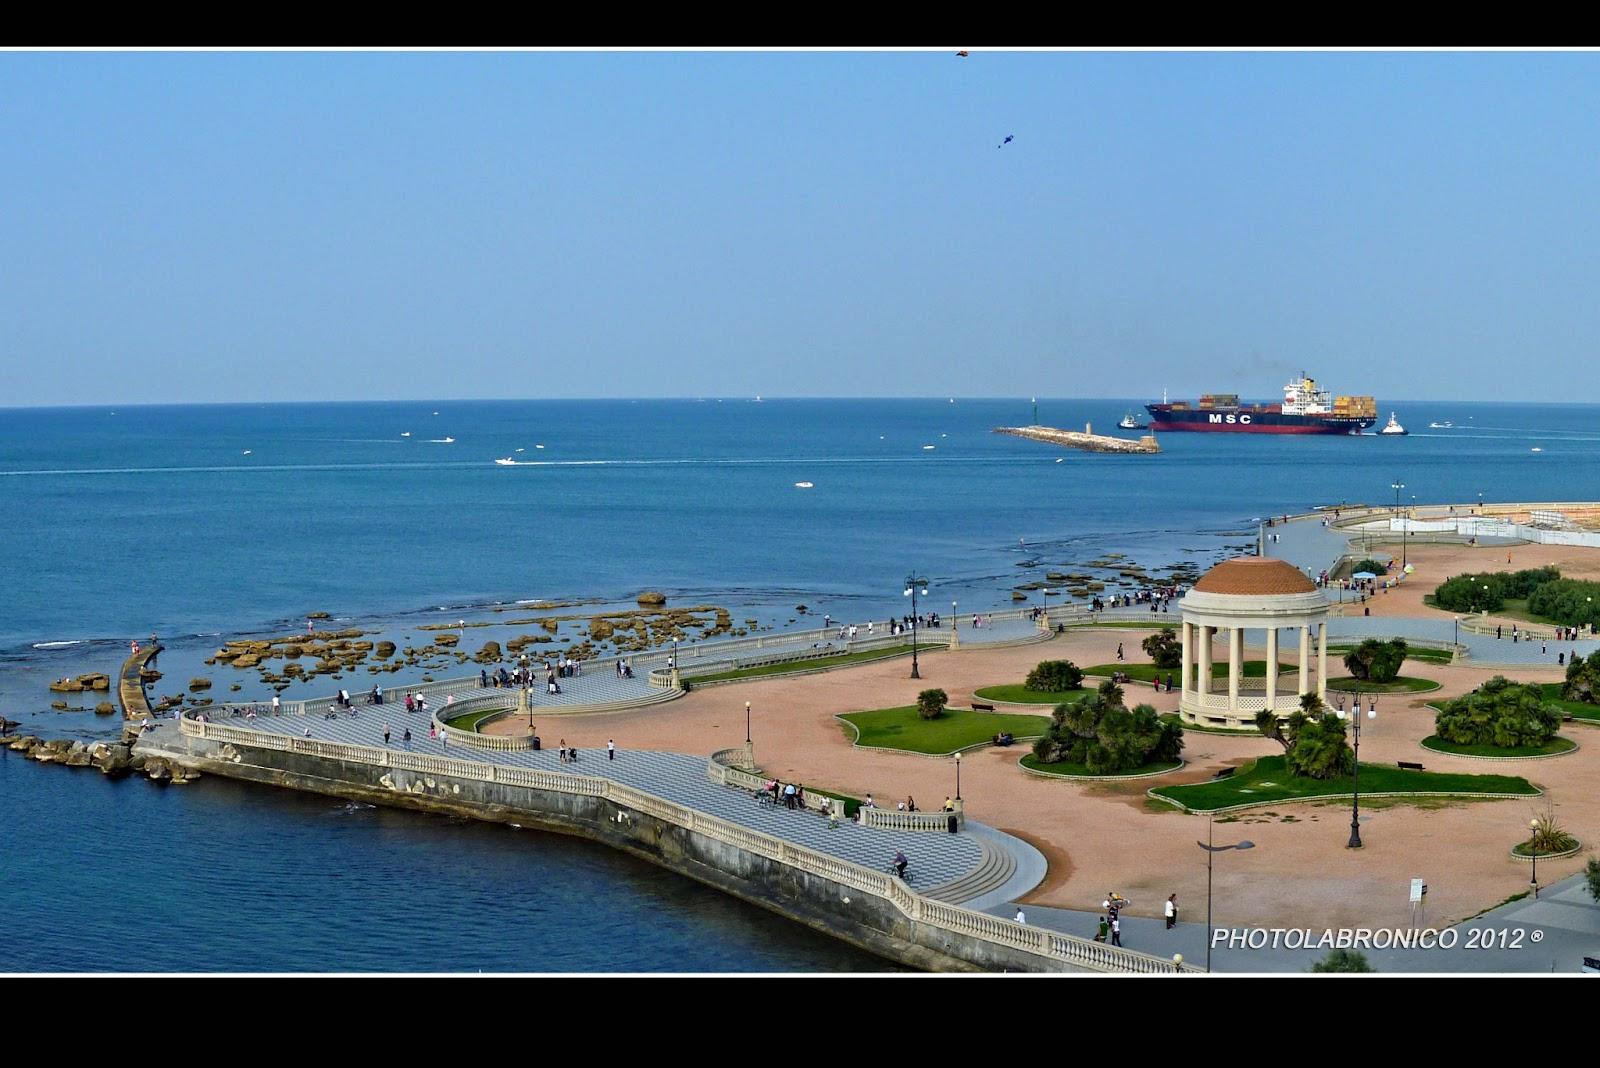 Photolabronico: Immagini della Terrazza Mascagni a Livorno